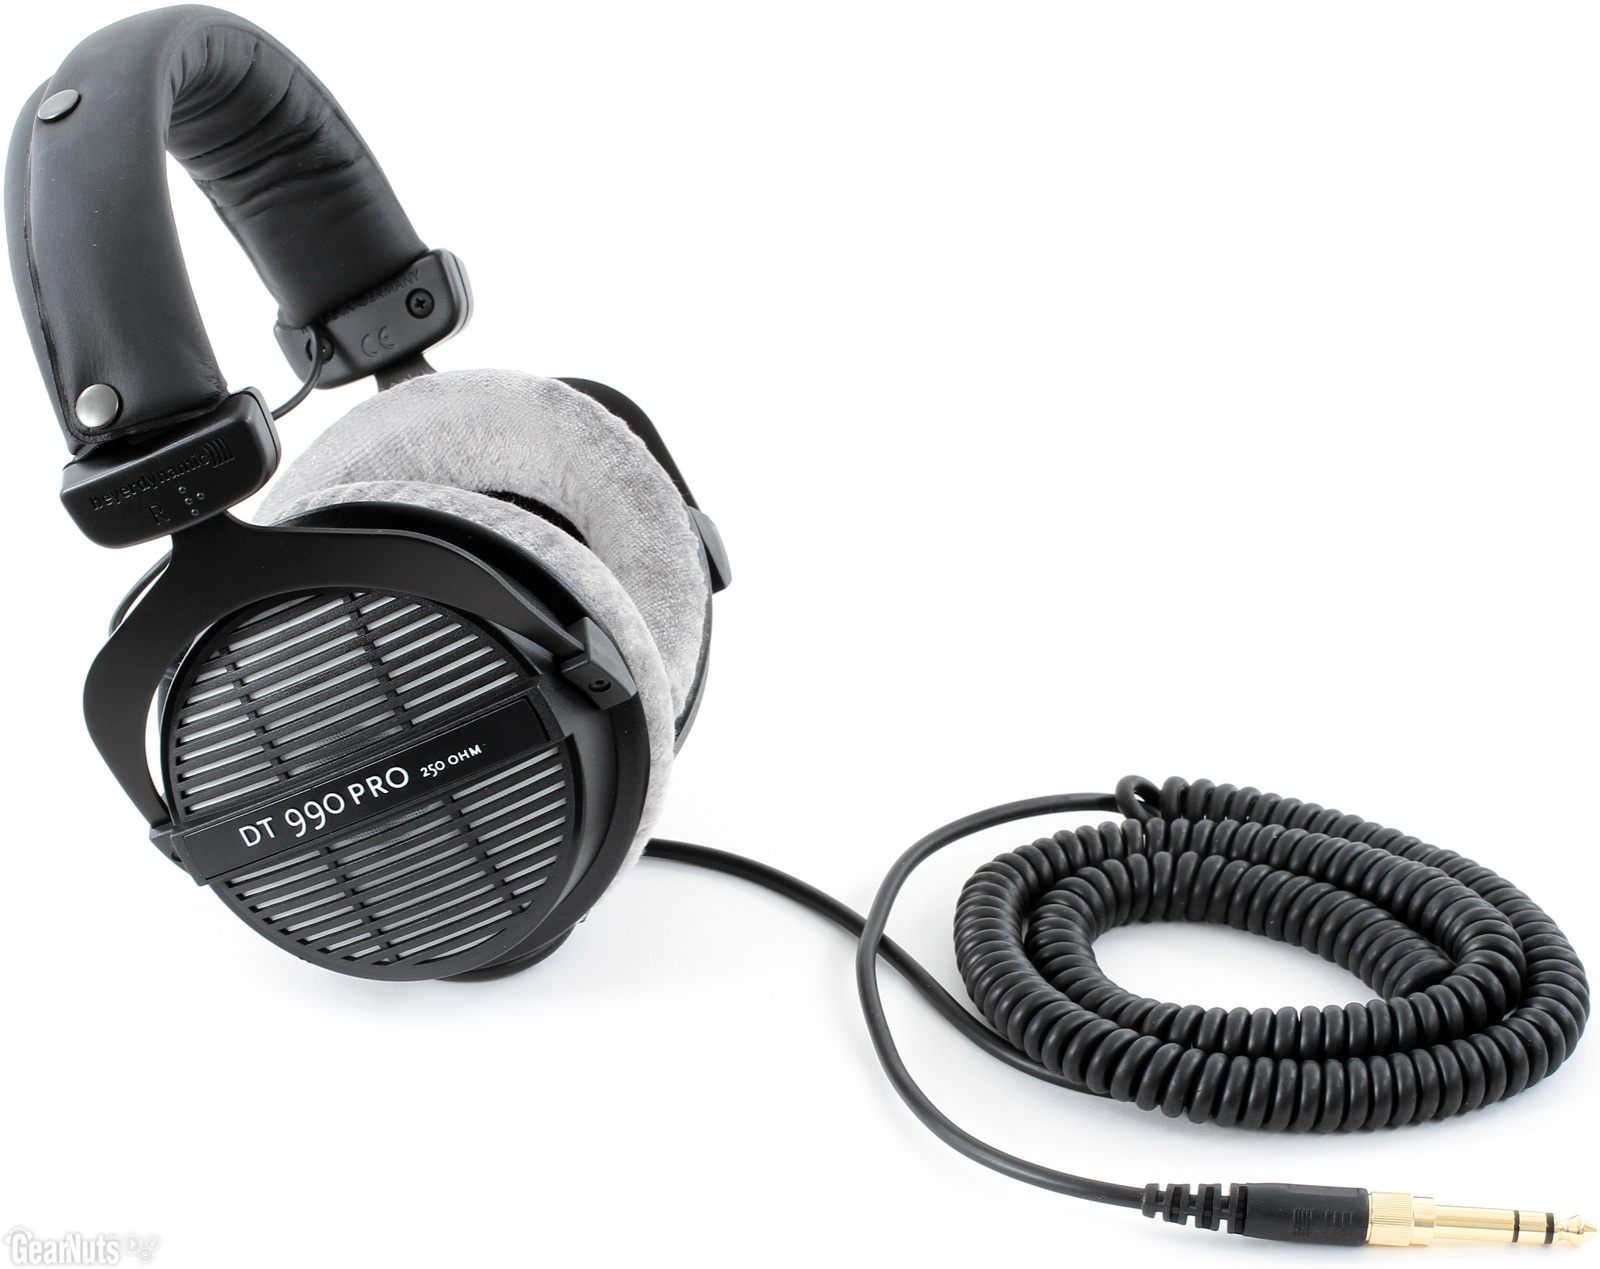 Смартфон для аудиофила: размышления о нужности и критериях - 2